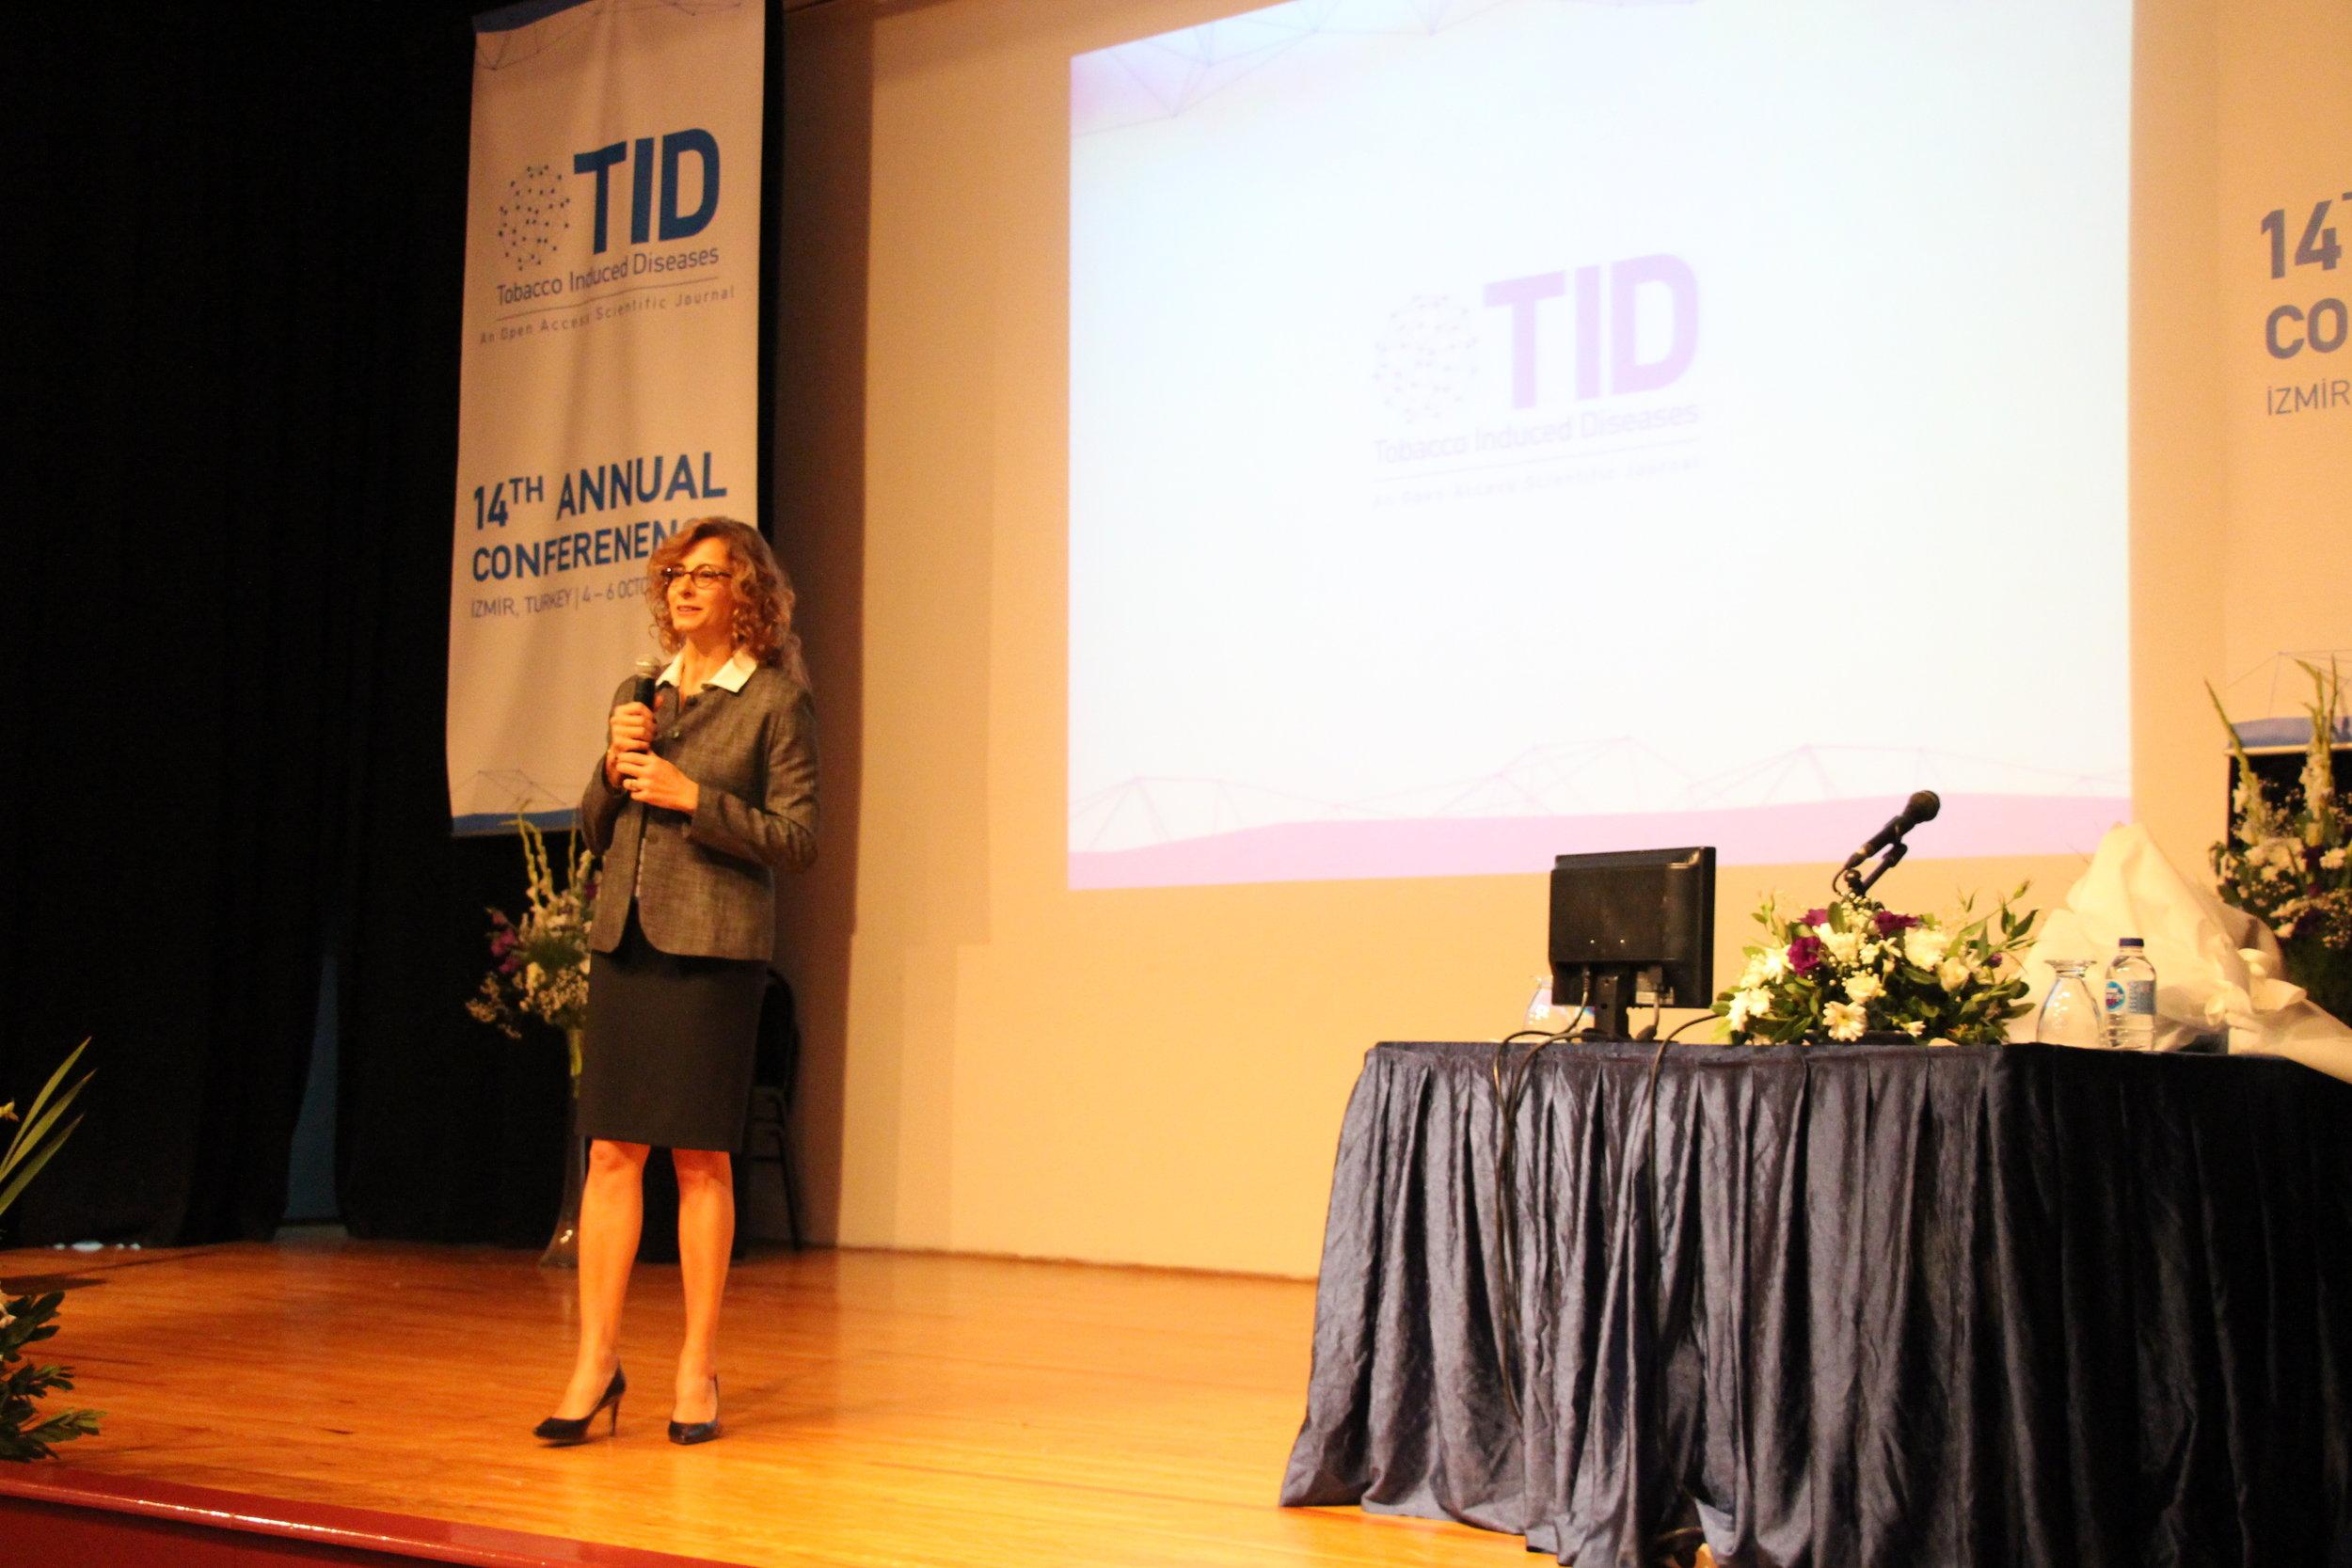 Ege Üniversitesi'nde ISPTID Kongresi Başladı-Prof. Dr. Nurcan Buduneli (2).JPG